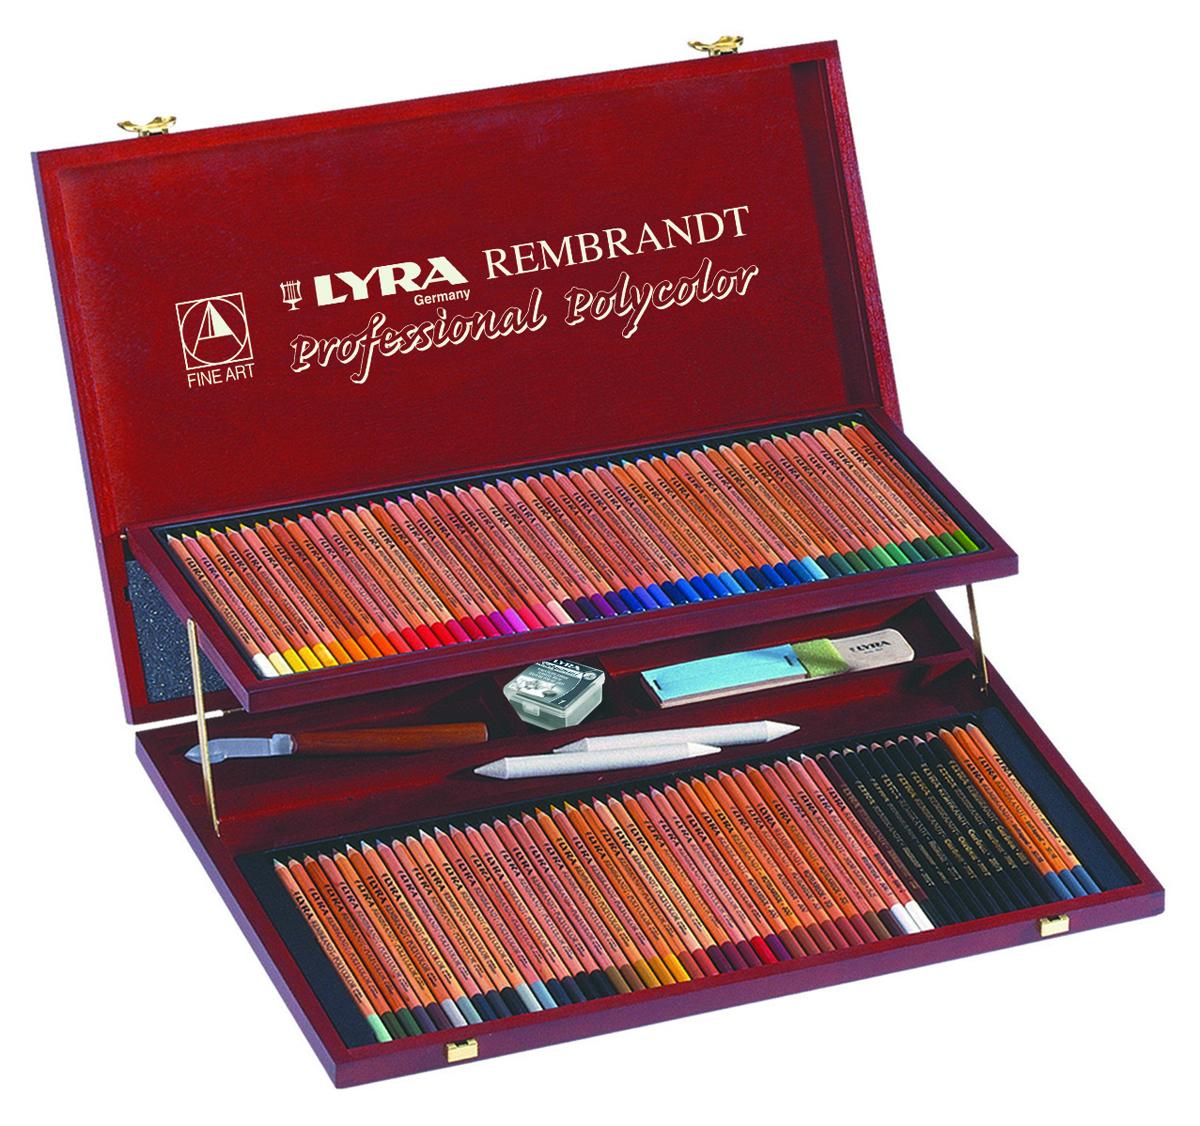 Lyra Художественные цветные карандаши Rembrandt Polycolor 105 цветов72523WDНабор профессиональных цветных карандашей LYRA REMBRANDT POLYCOLOR с аксессуарами в деревянном кейсе. В комплекте 105 предметов. 100 цветных карандашей, нож для заточки, ластик, наждачная бумага